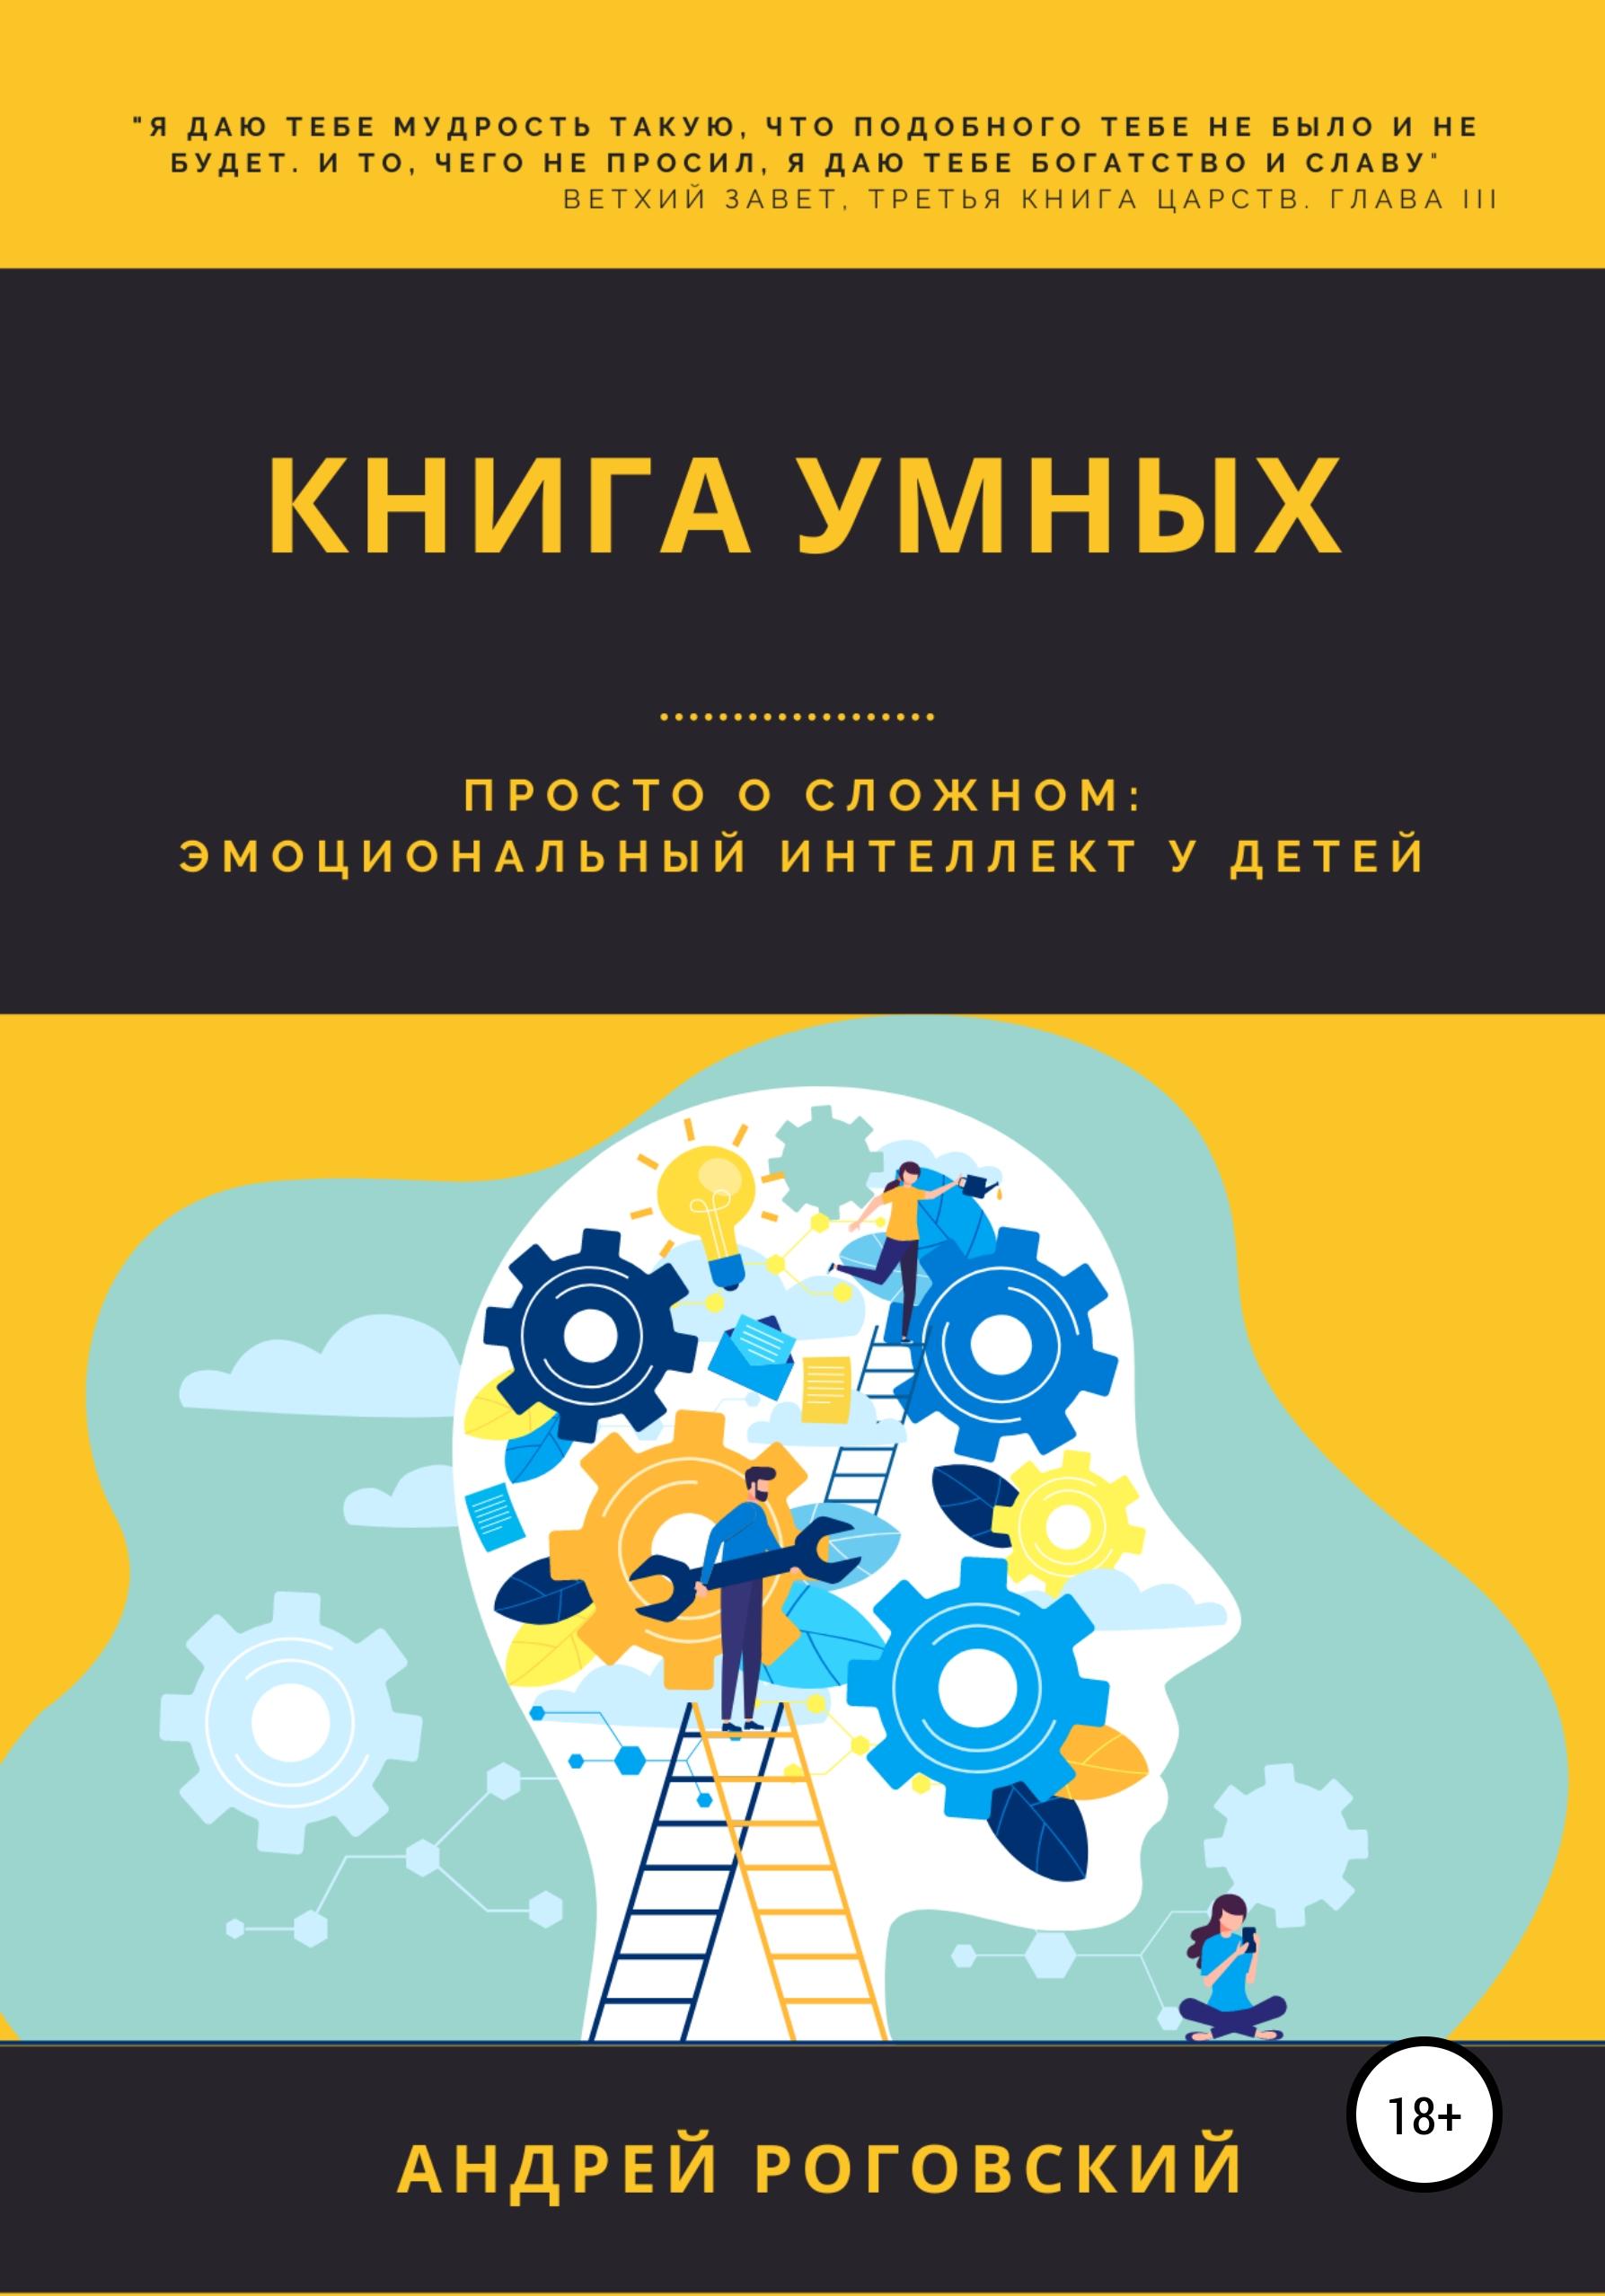 Книга умных